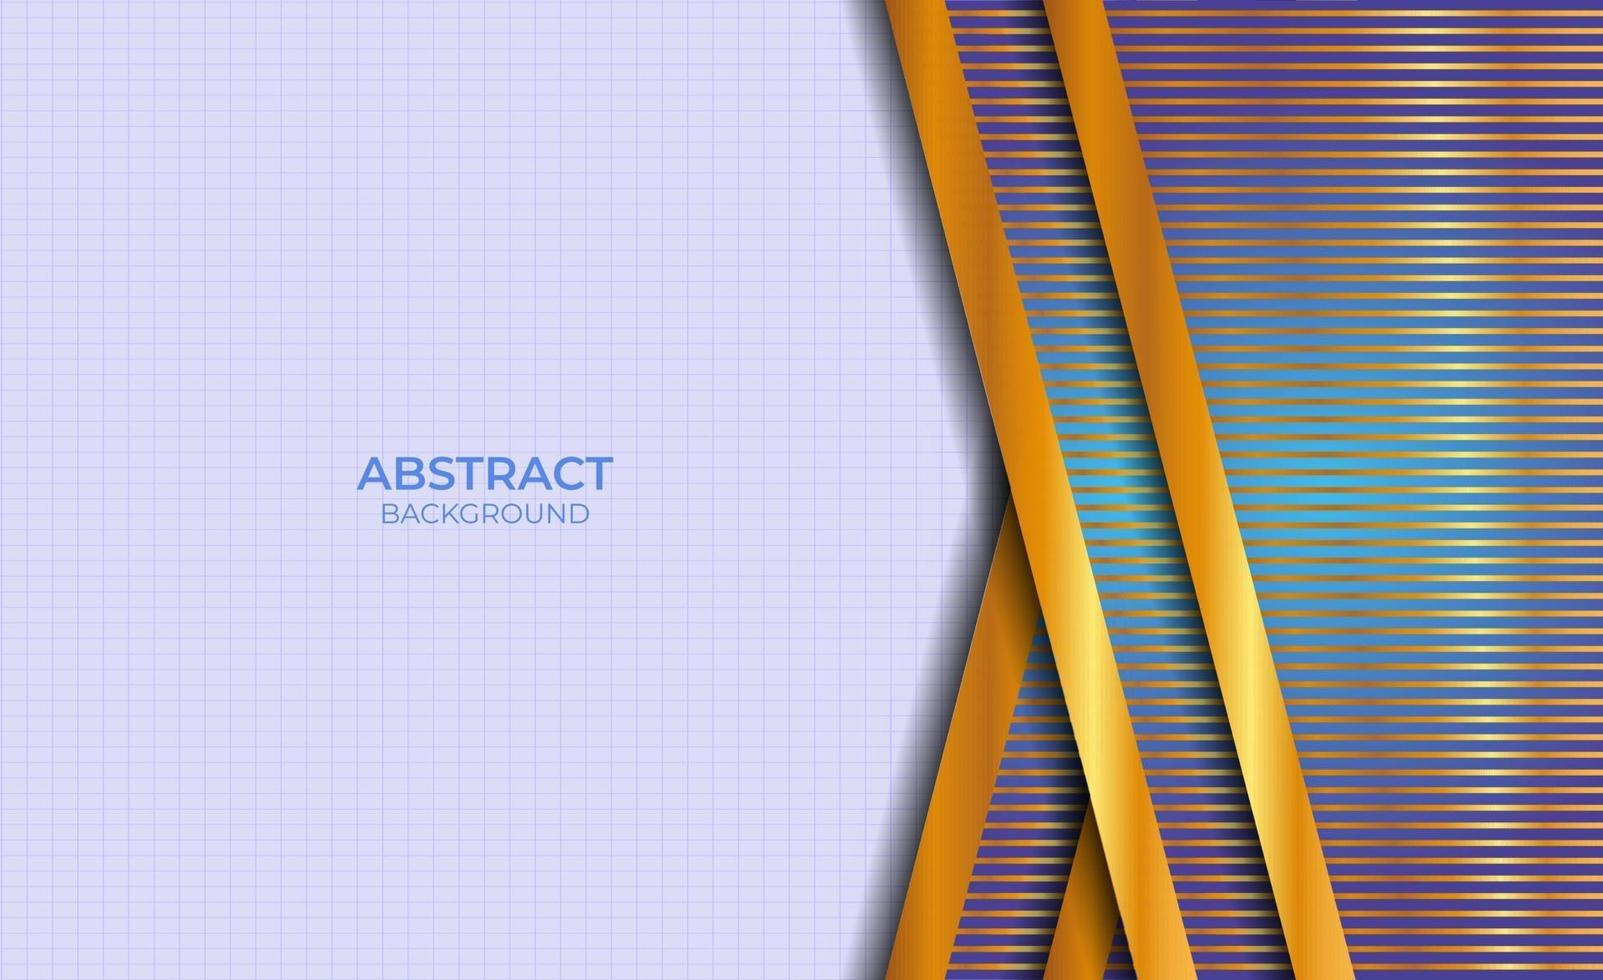 conception abstraite de fond bleu et or vecteur